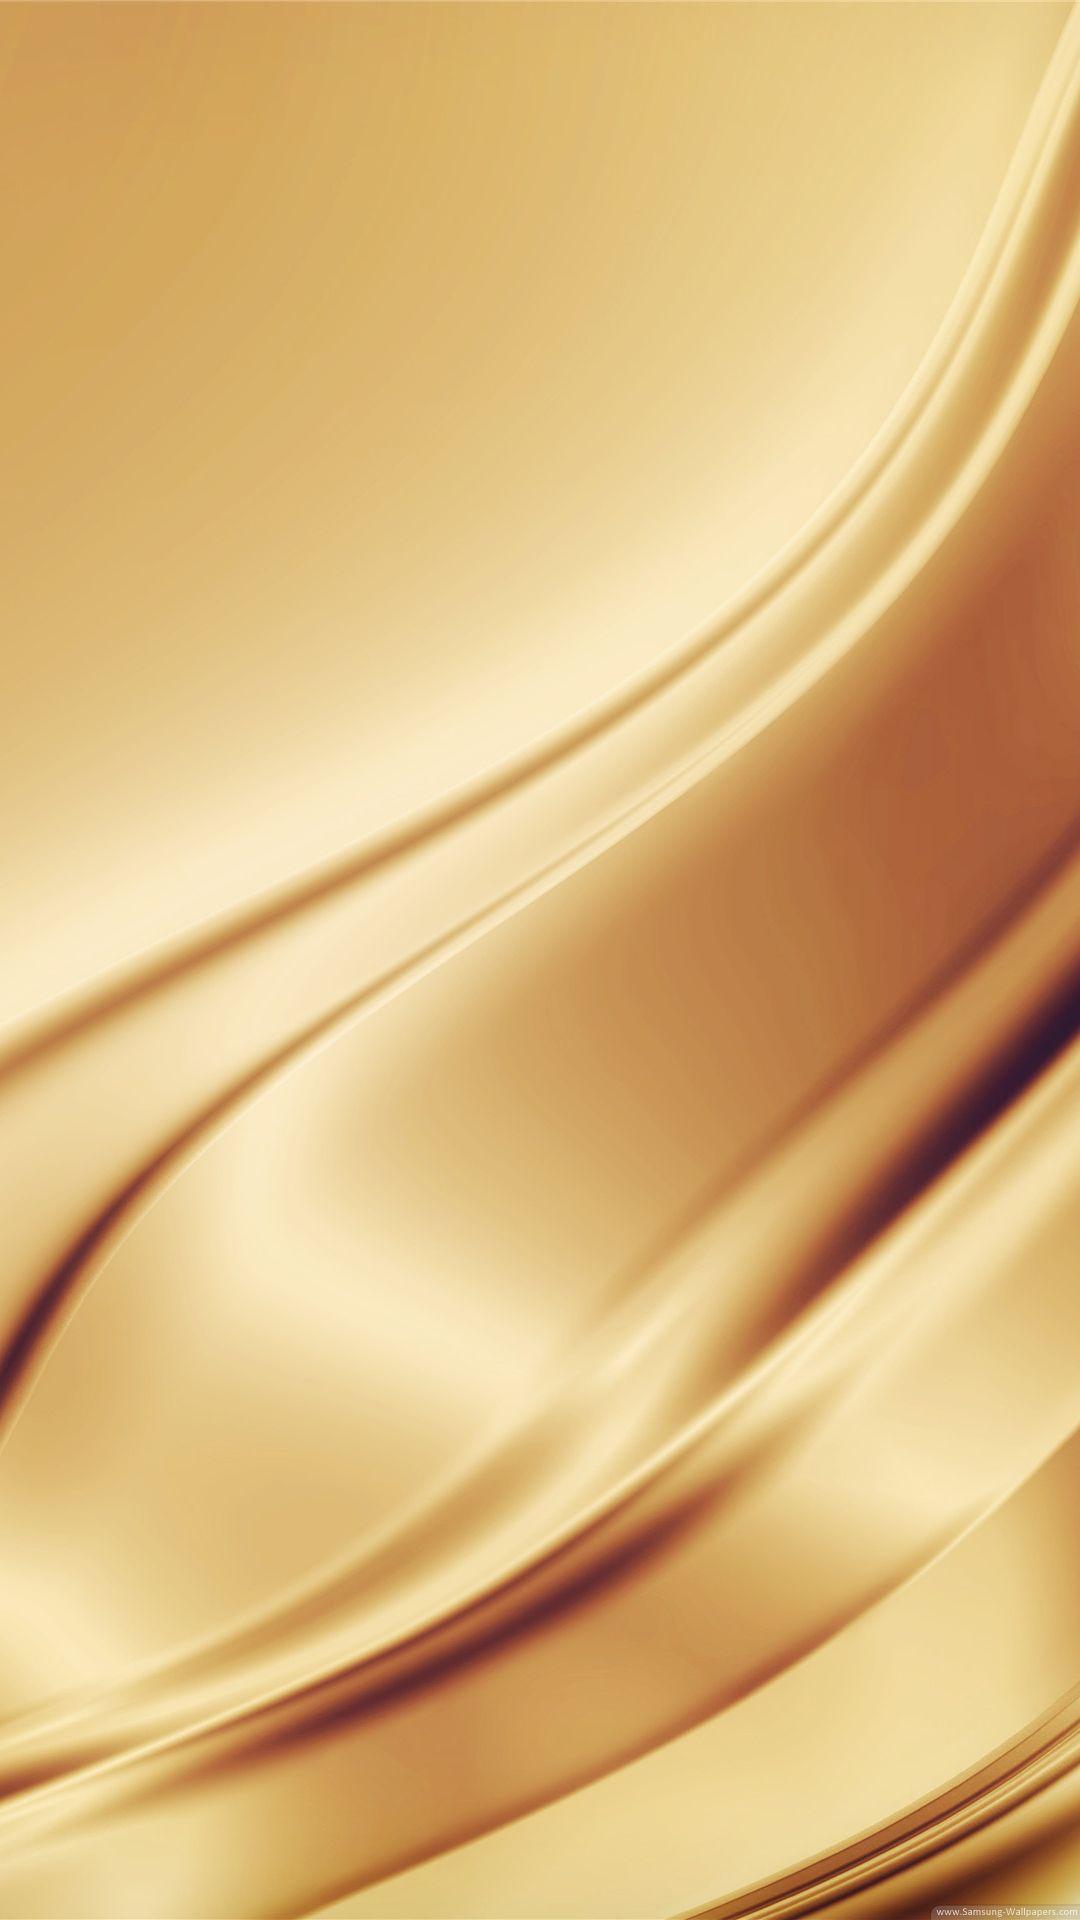 Hintergrundbilder hd gold